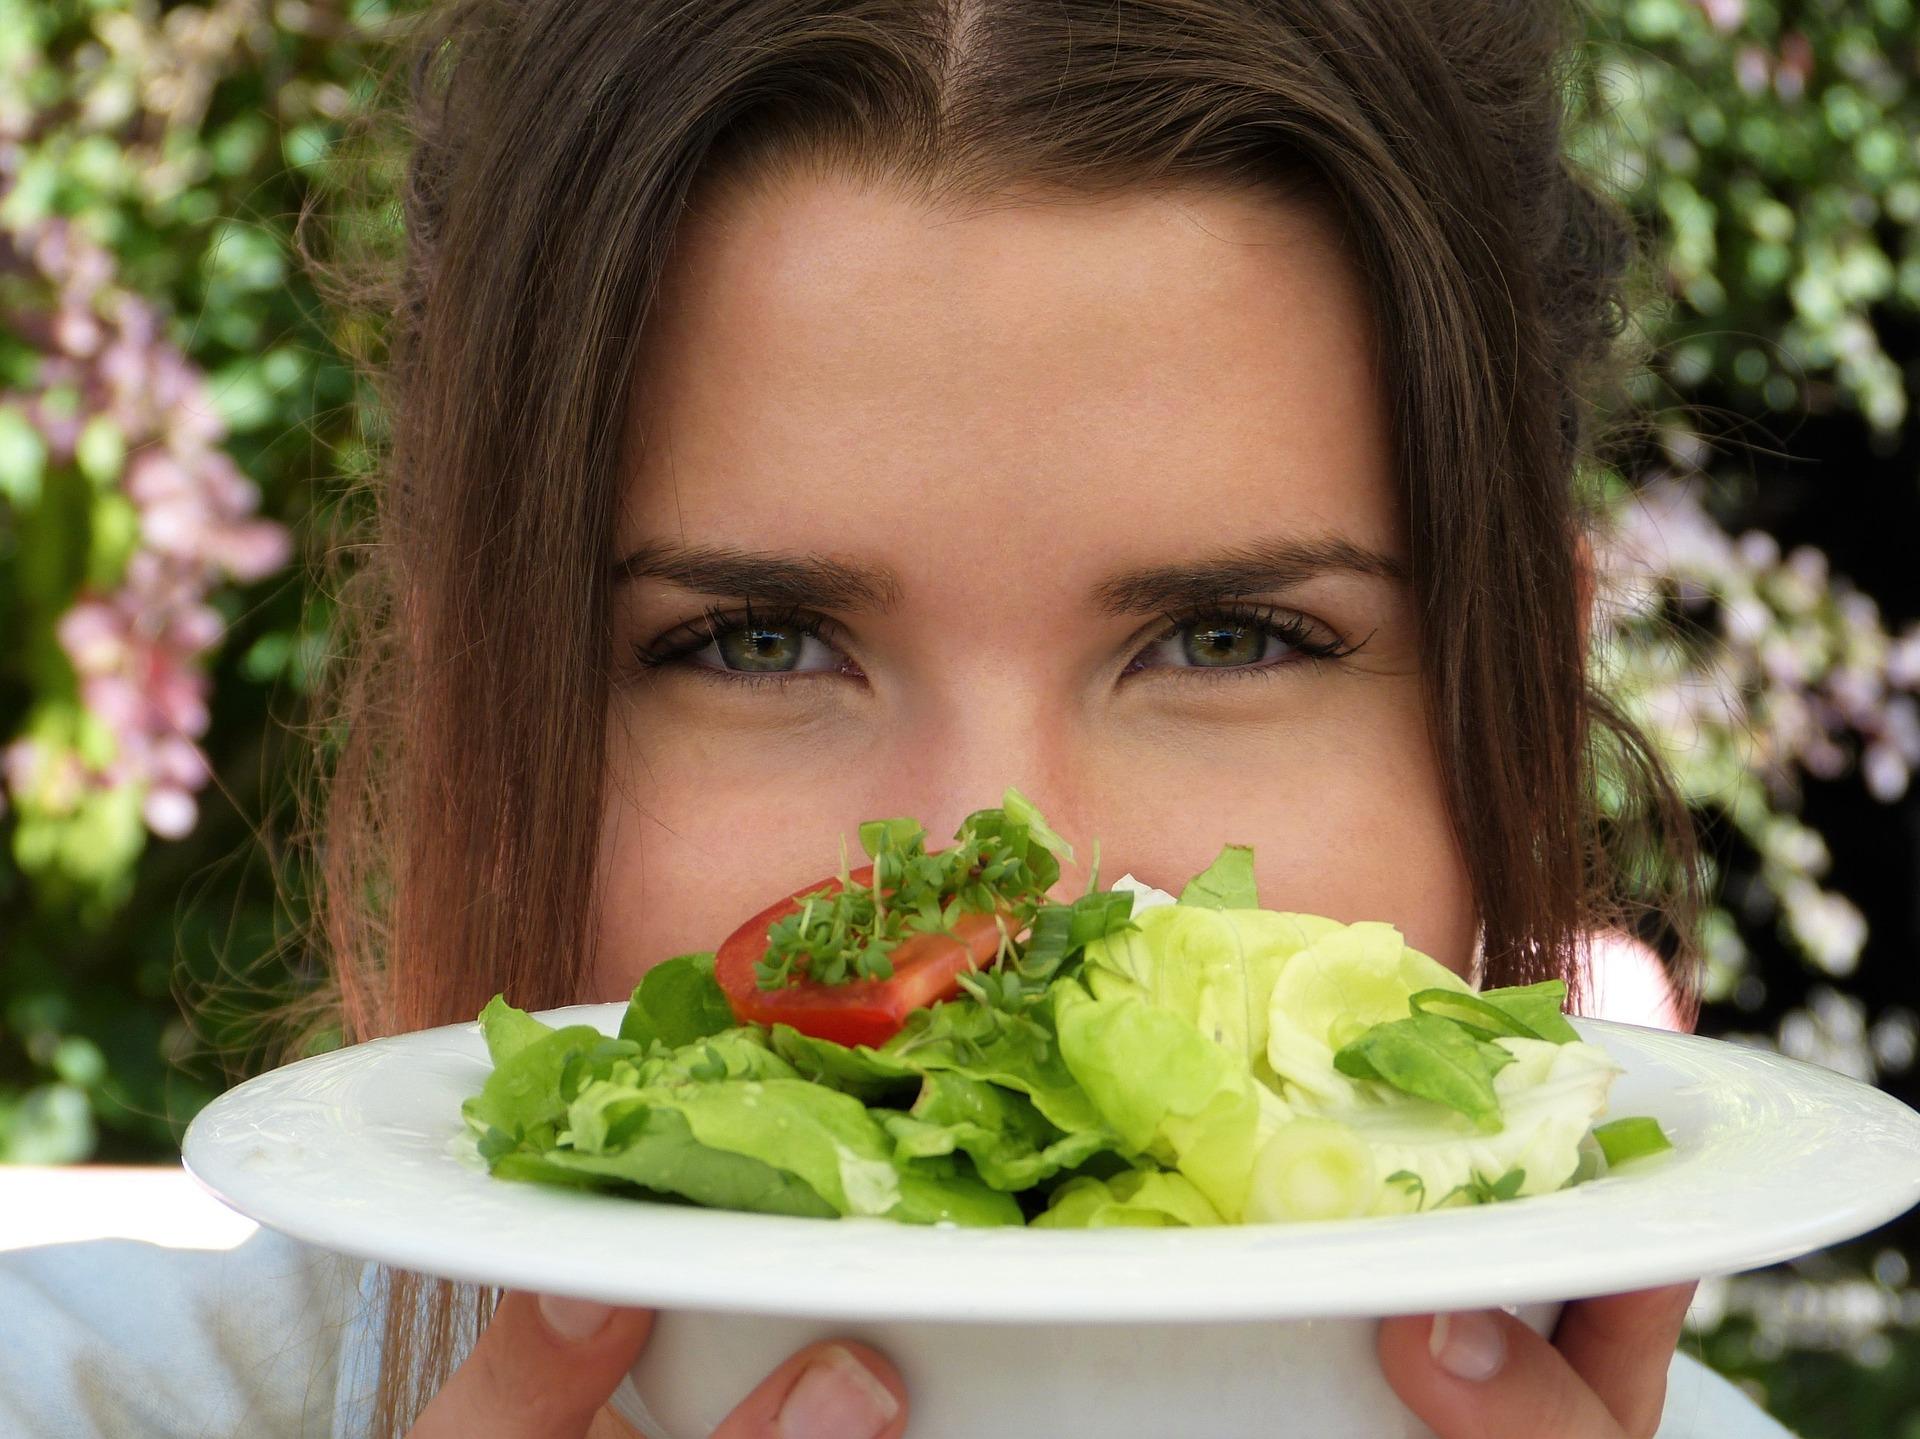 リウマチは腸内環境を整える